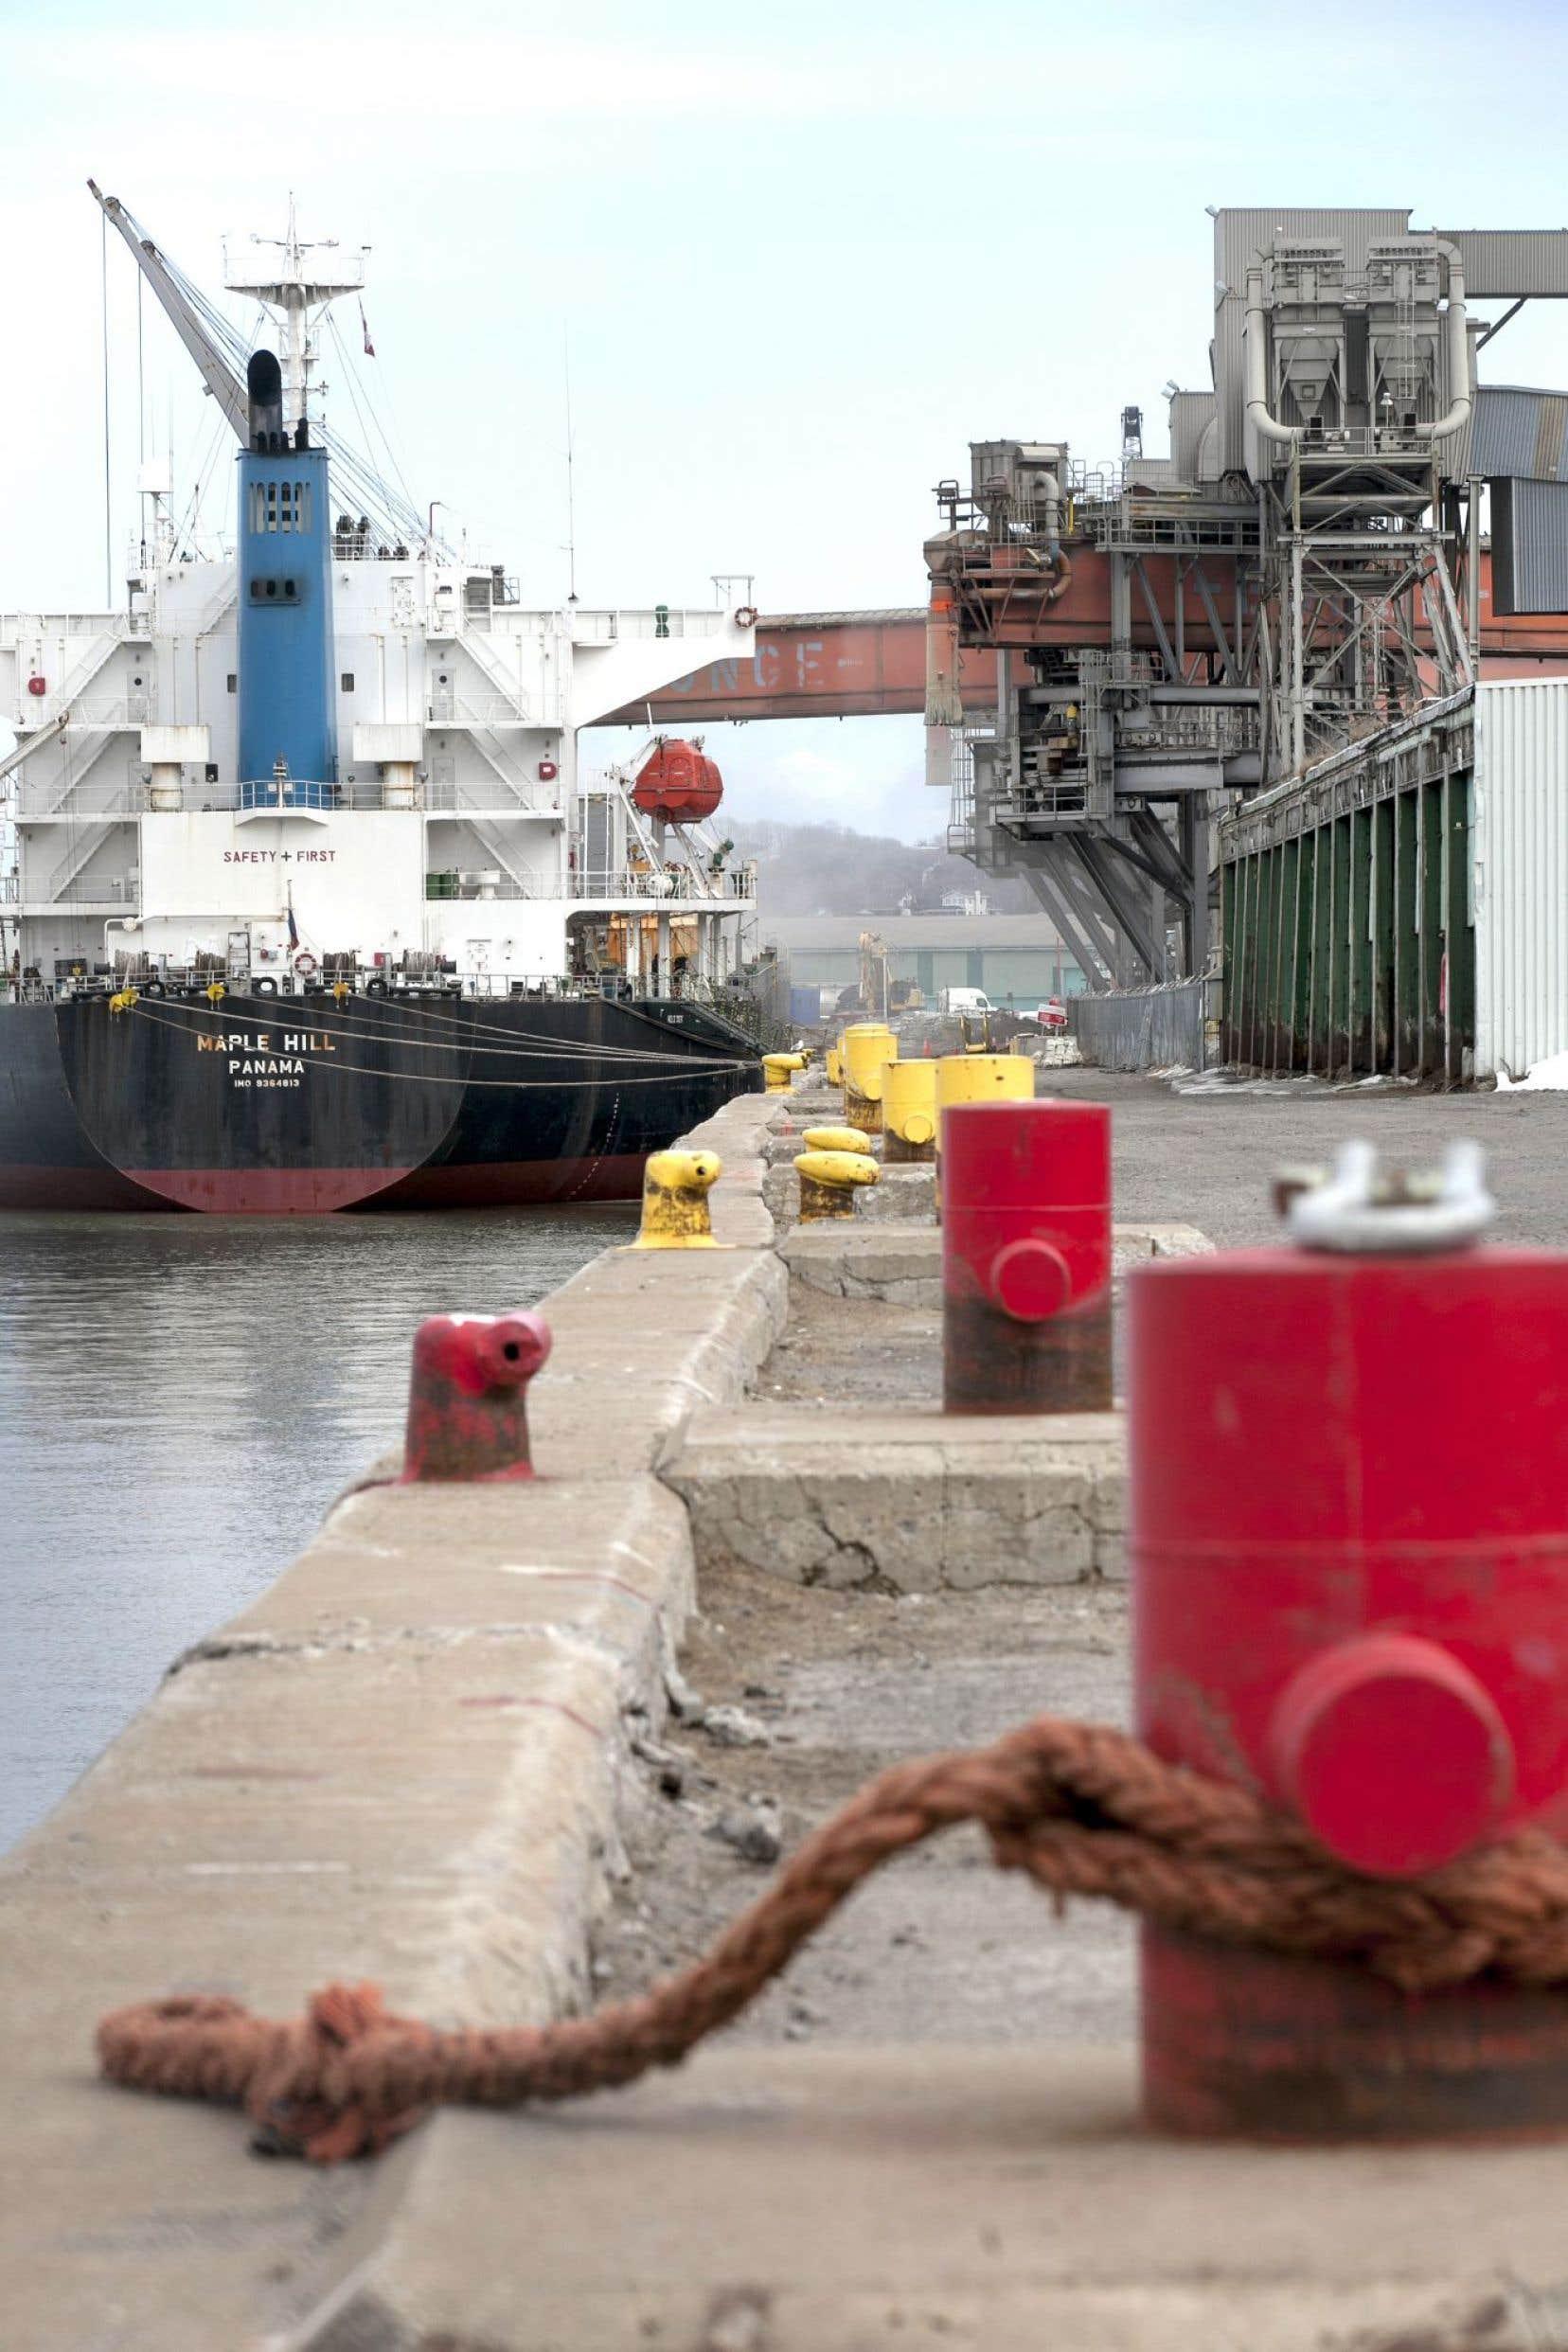 Le projet d'expansion prévoit d'abord le prolongement de la ligne des quais sur plus de 600 mètres et la reconfiguration de la baie de Beauport.